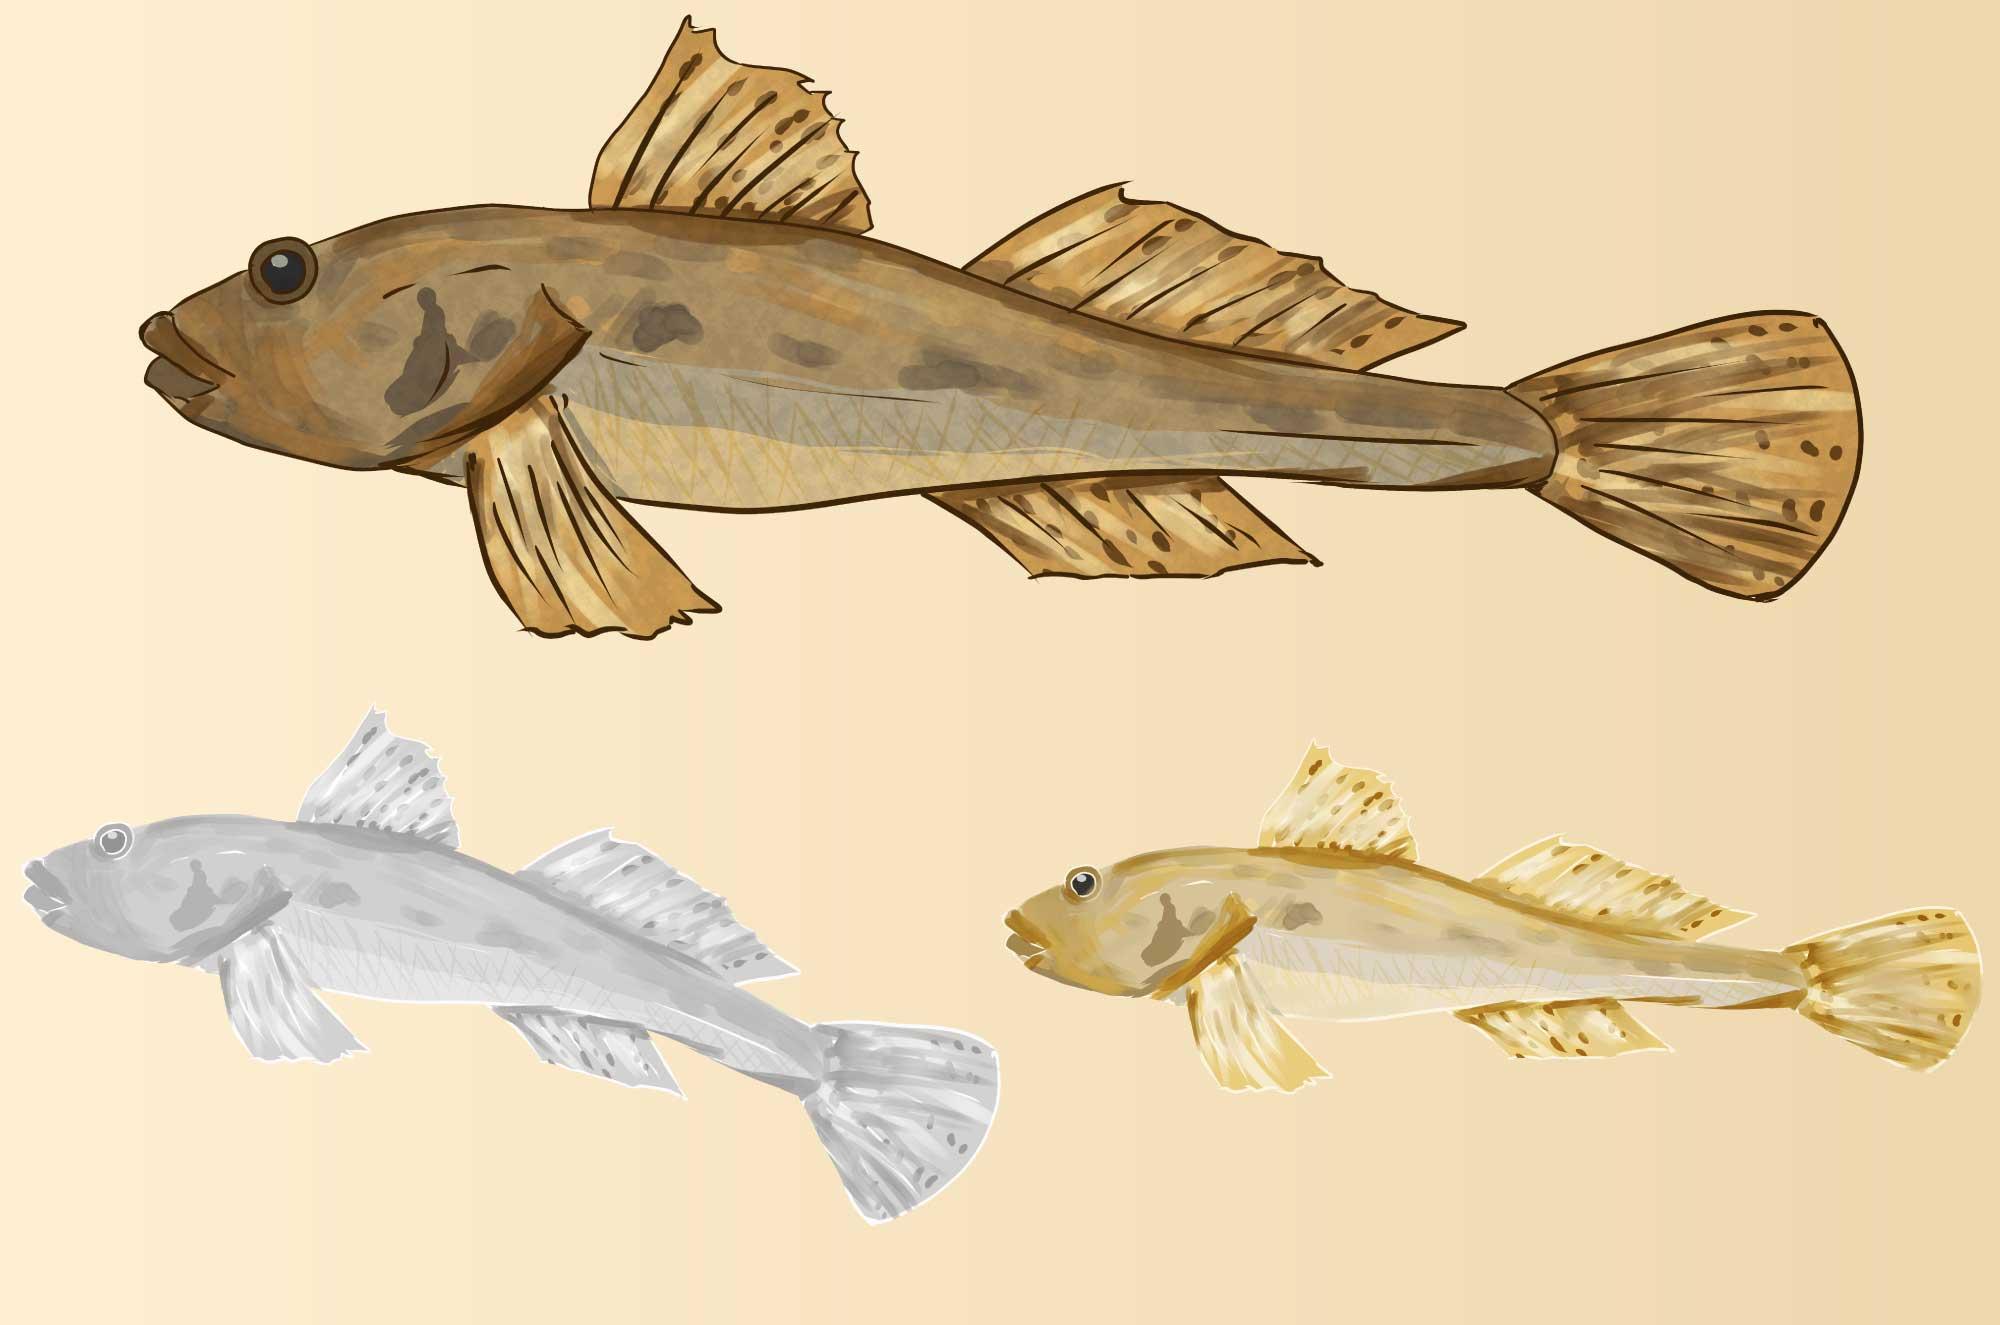 ハゼのイラスト - 和風の墨絵・水彩の魚の無料素材